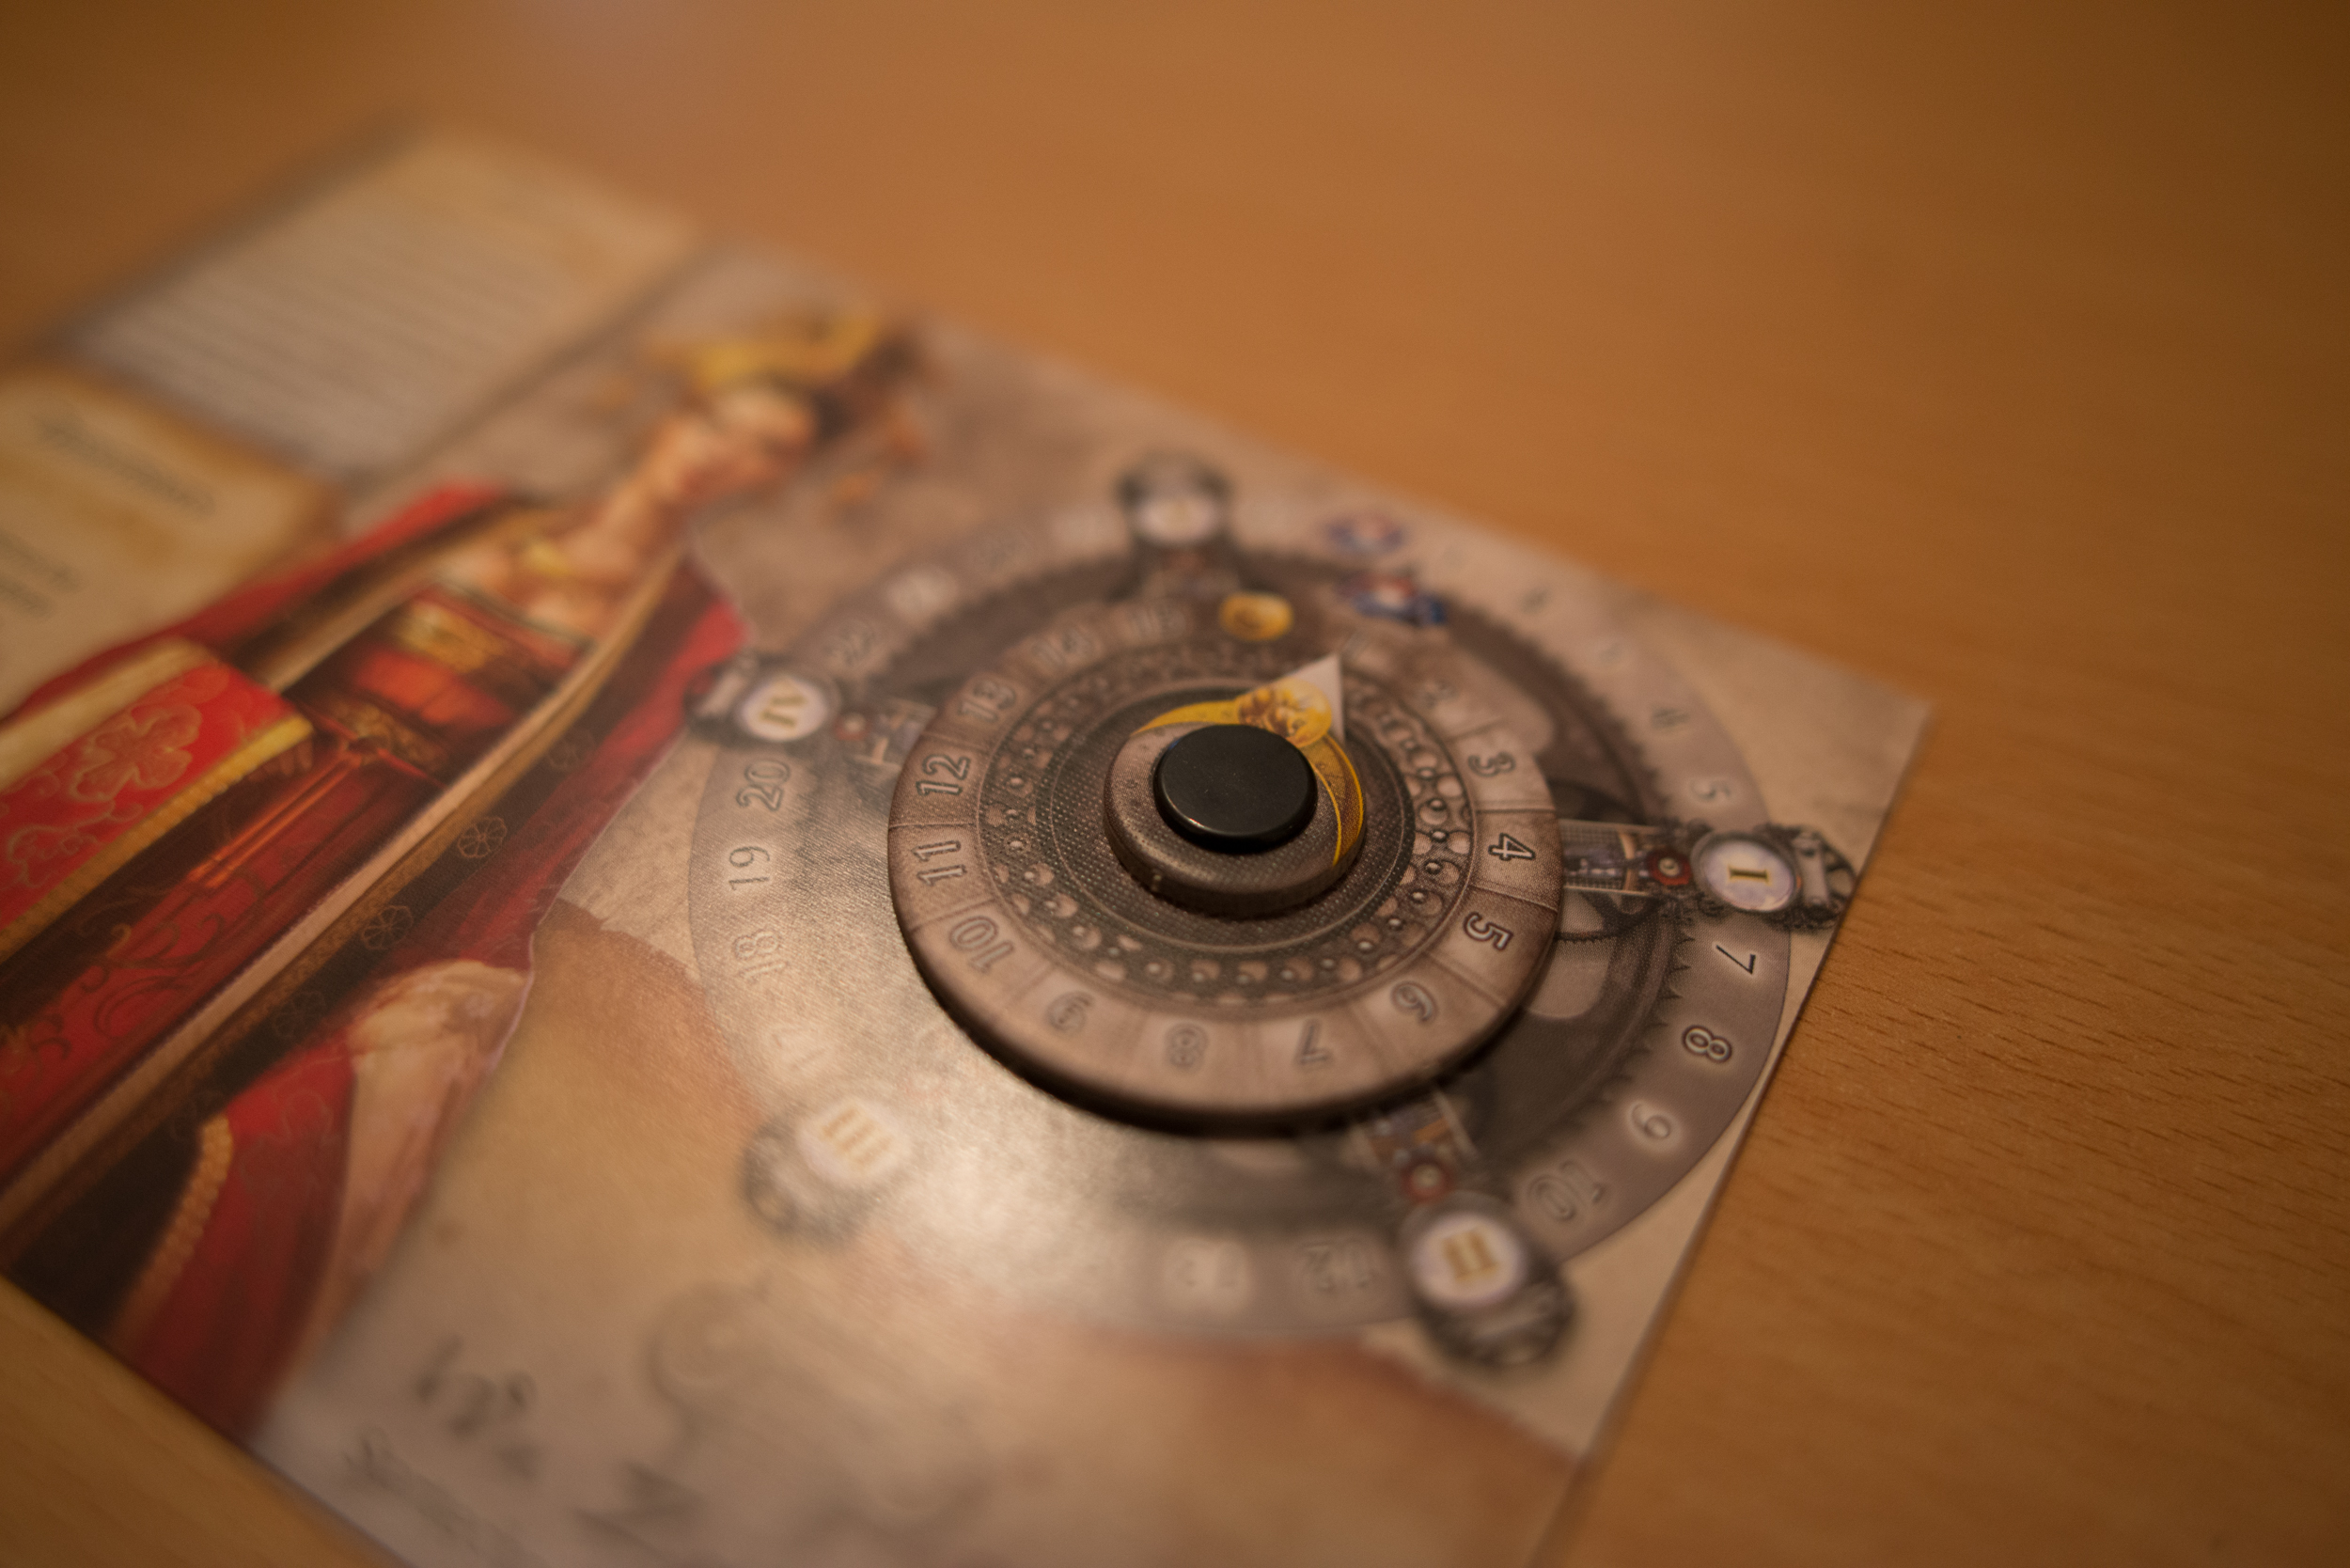 Der Punkteanzeiger, der wohl nicht ohne Grund wie ein Kompass aussehen soll...